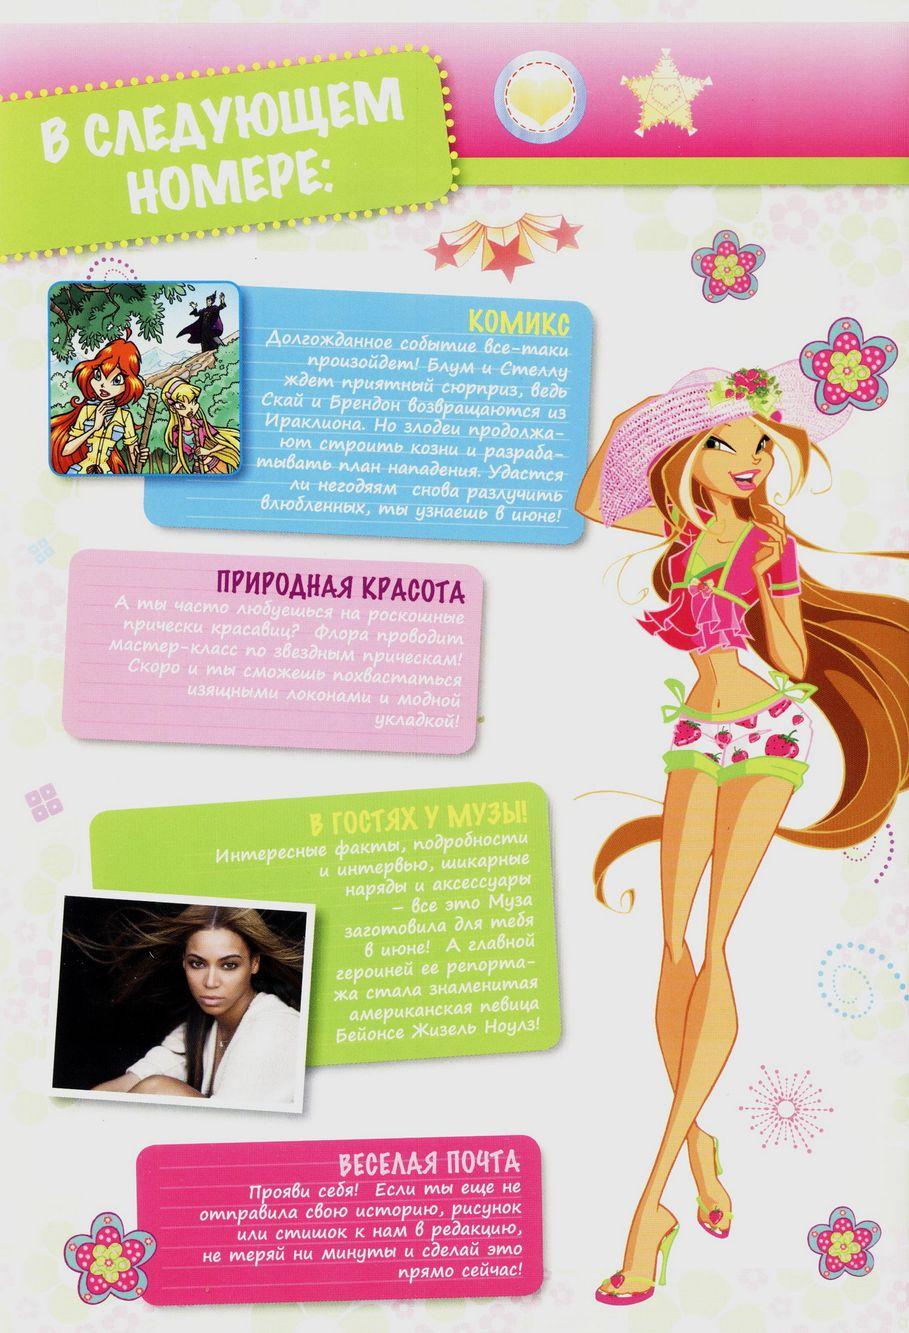 Комикс Винкс Winx - Надежда и разочарование (Журнал Винкс №5 2011) - стр. 68